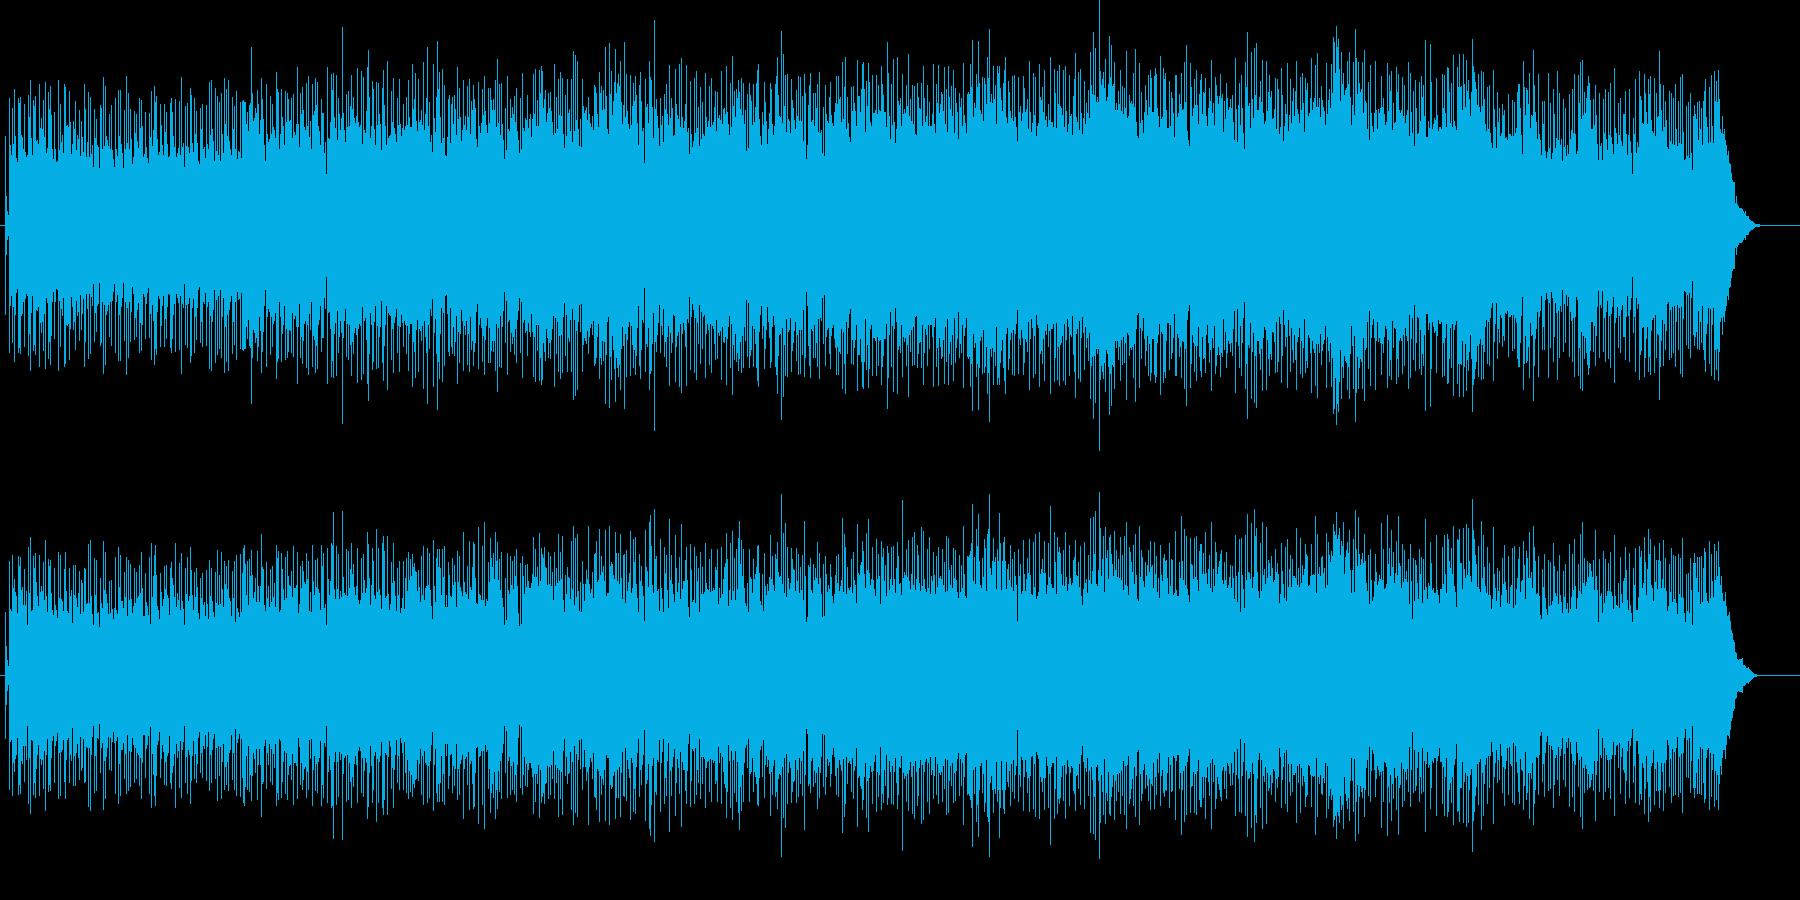 軽快でかっこいいロックゲームBGMの再生済みの波形